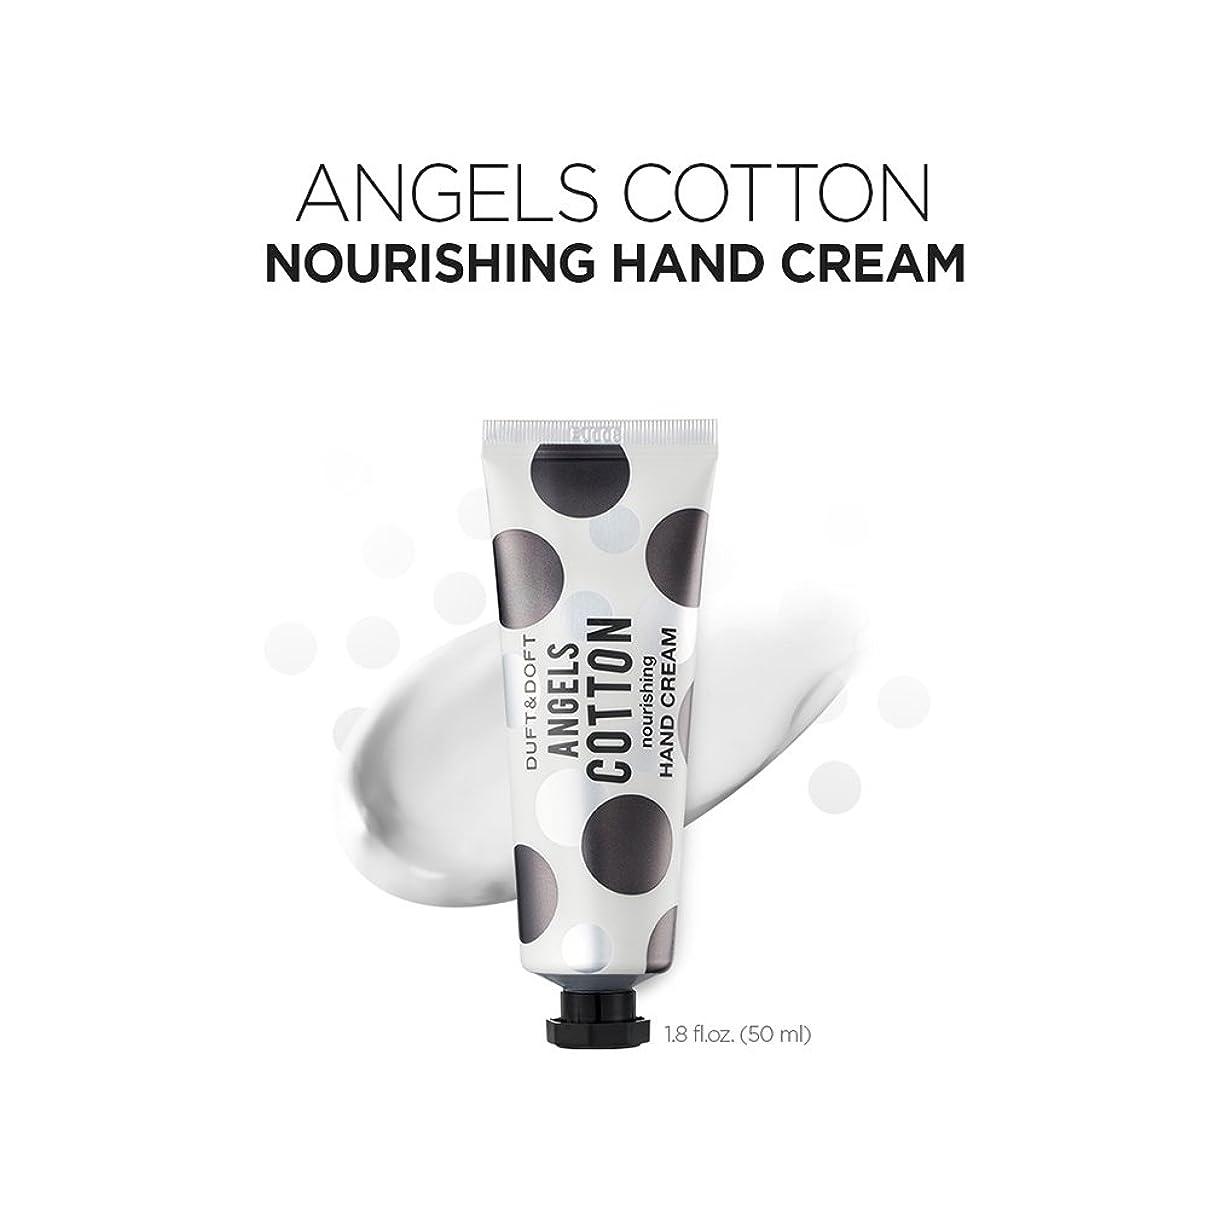 応援するブラウザ五月ゥフト&ドフト [DUFT&DOFT] エンジェルコットン ナリシング ハンドクリーム Angel Cotton Nourishing Hand Cream (50ml + 50ml) / 韓国製 韓国直送品